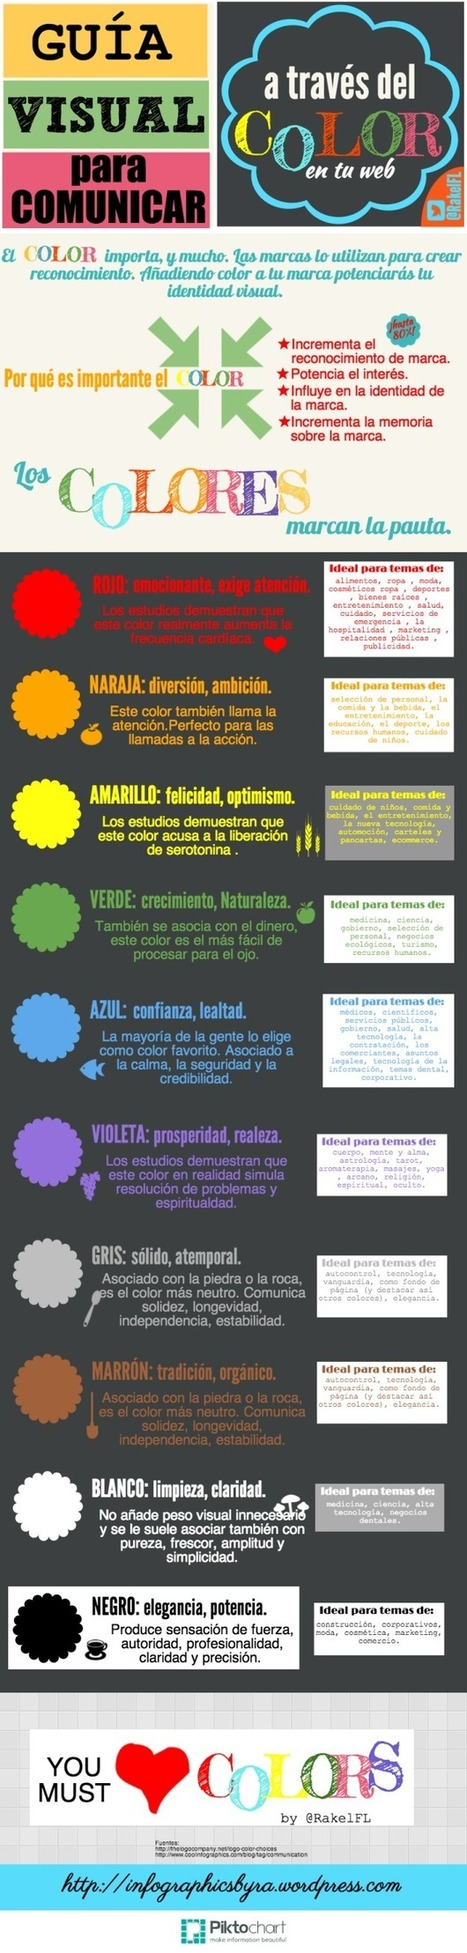 Guía visual para comunicar con el color en tu web #infografia #infographic #marketing | Creación y gestión de Aplicaciones Web & Móvil | Scoop.it